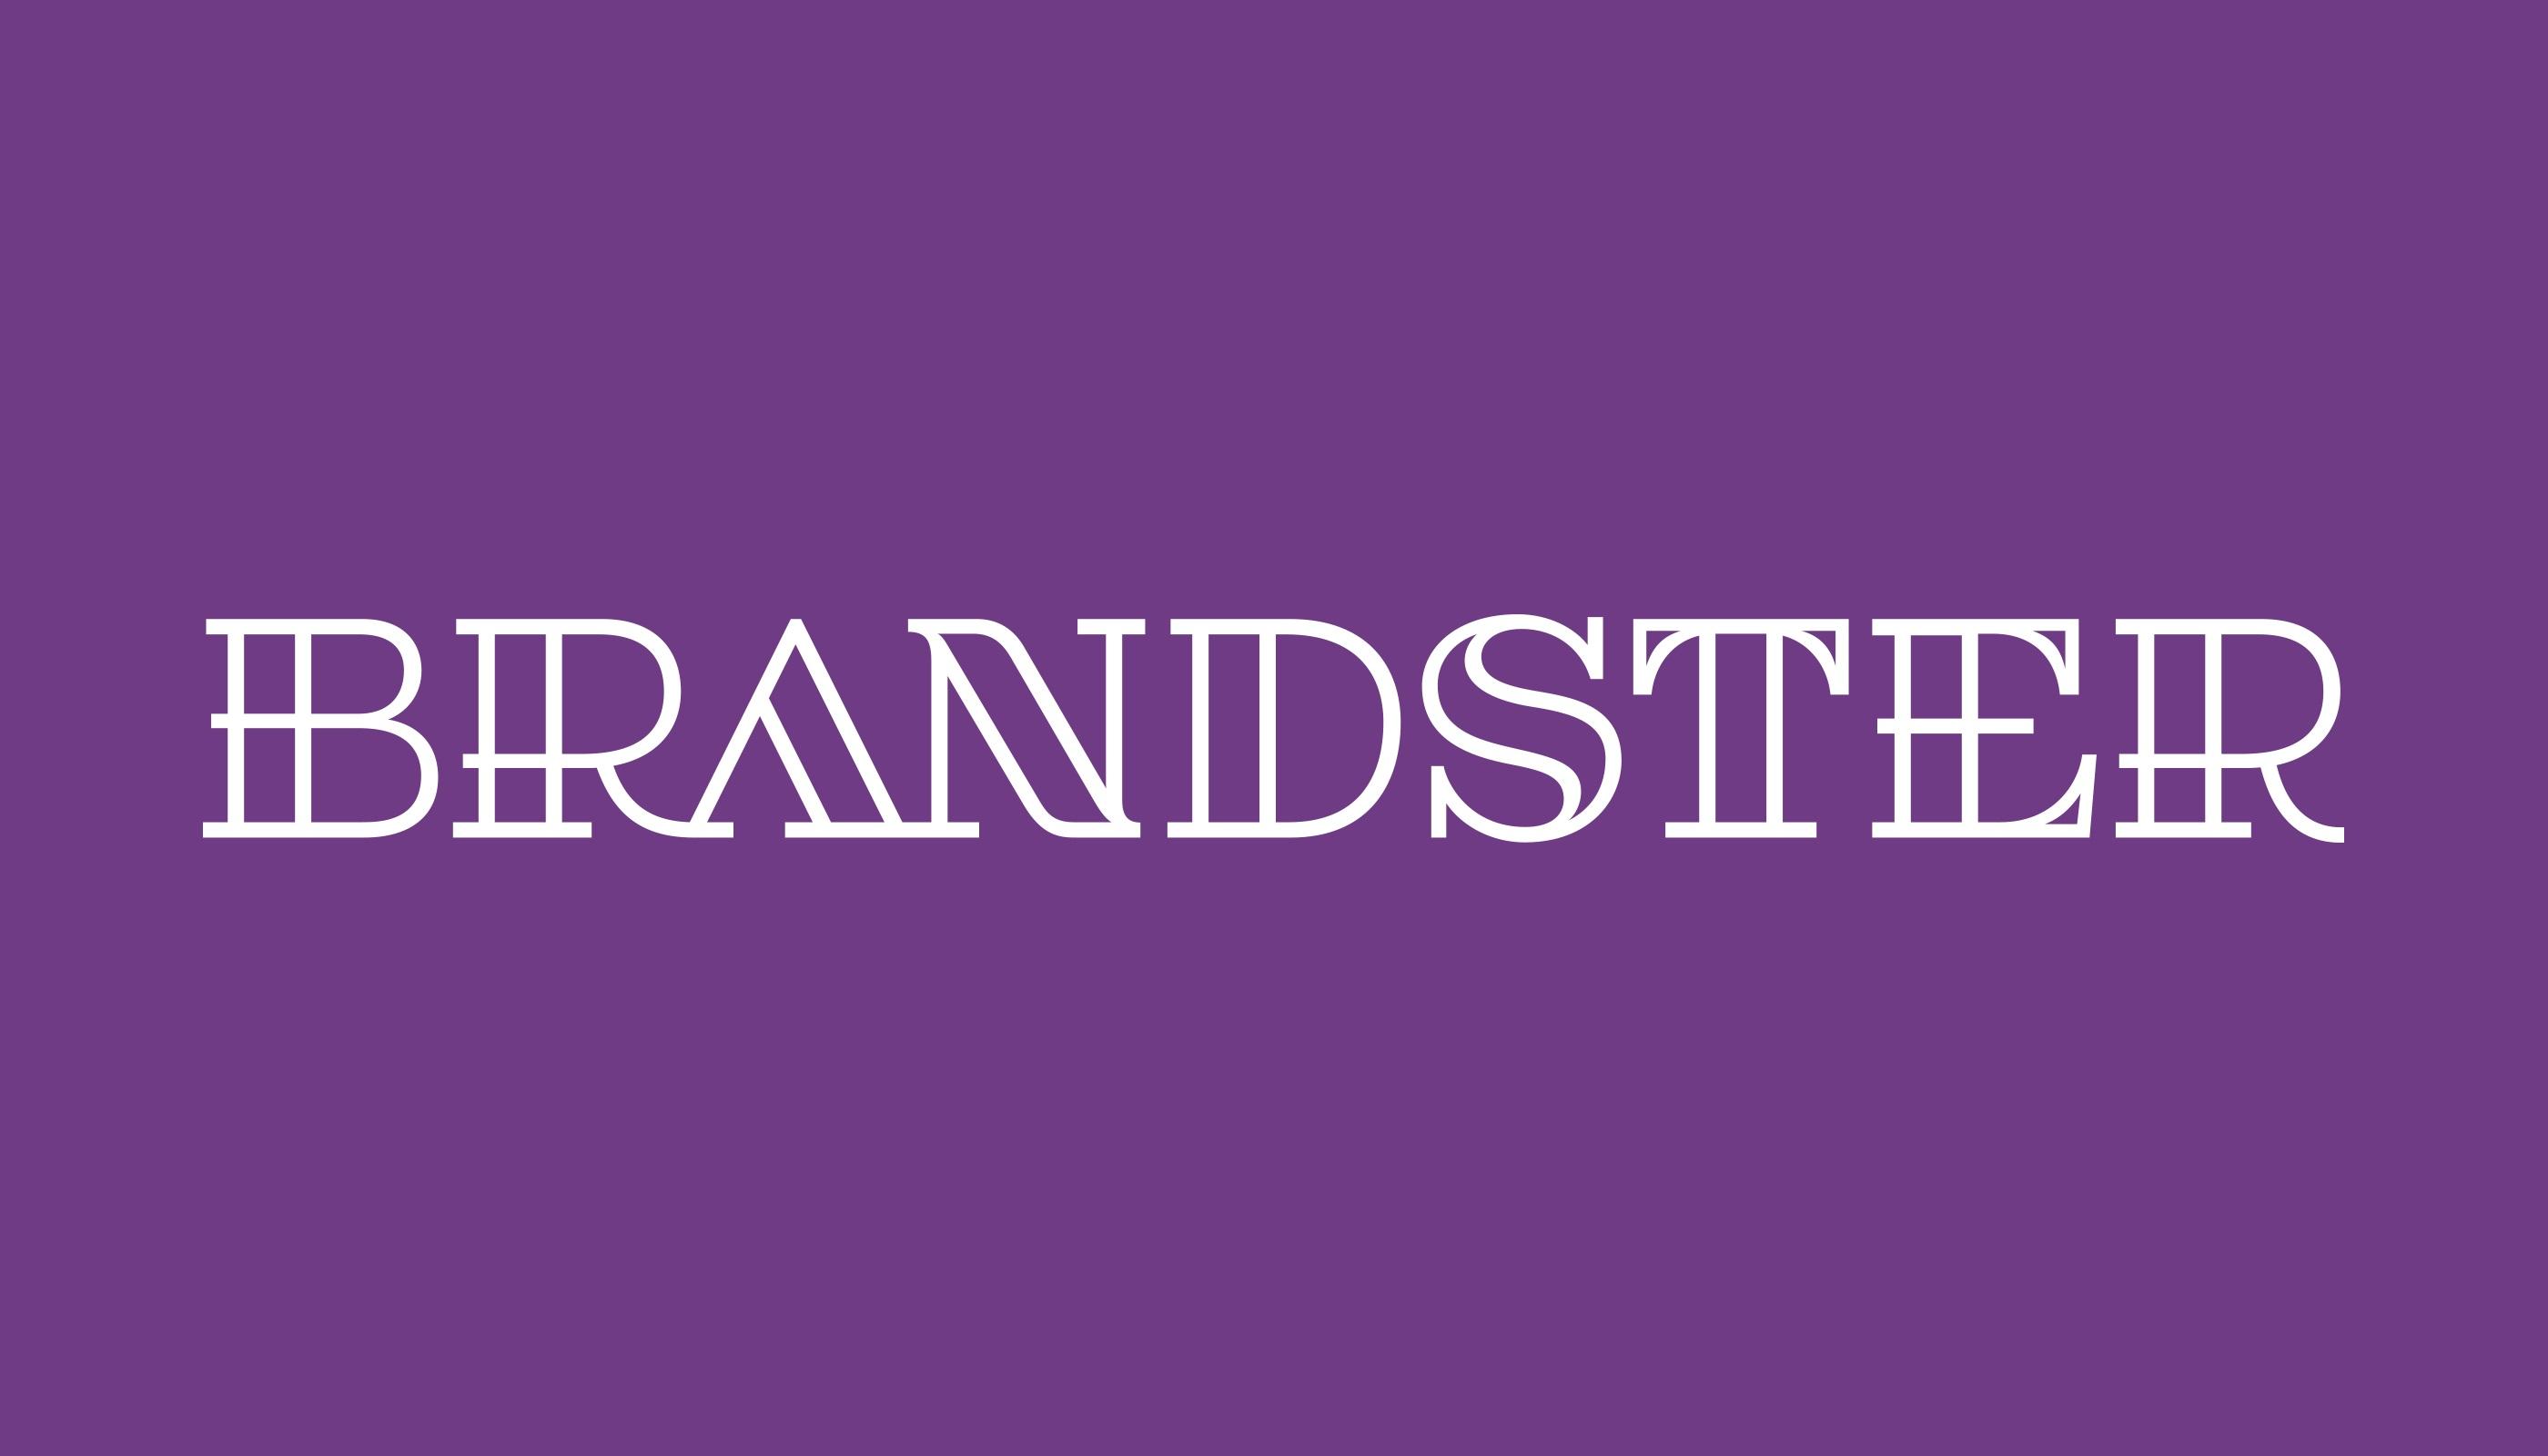 Brandster Logo